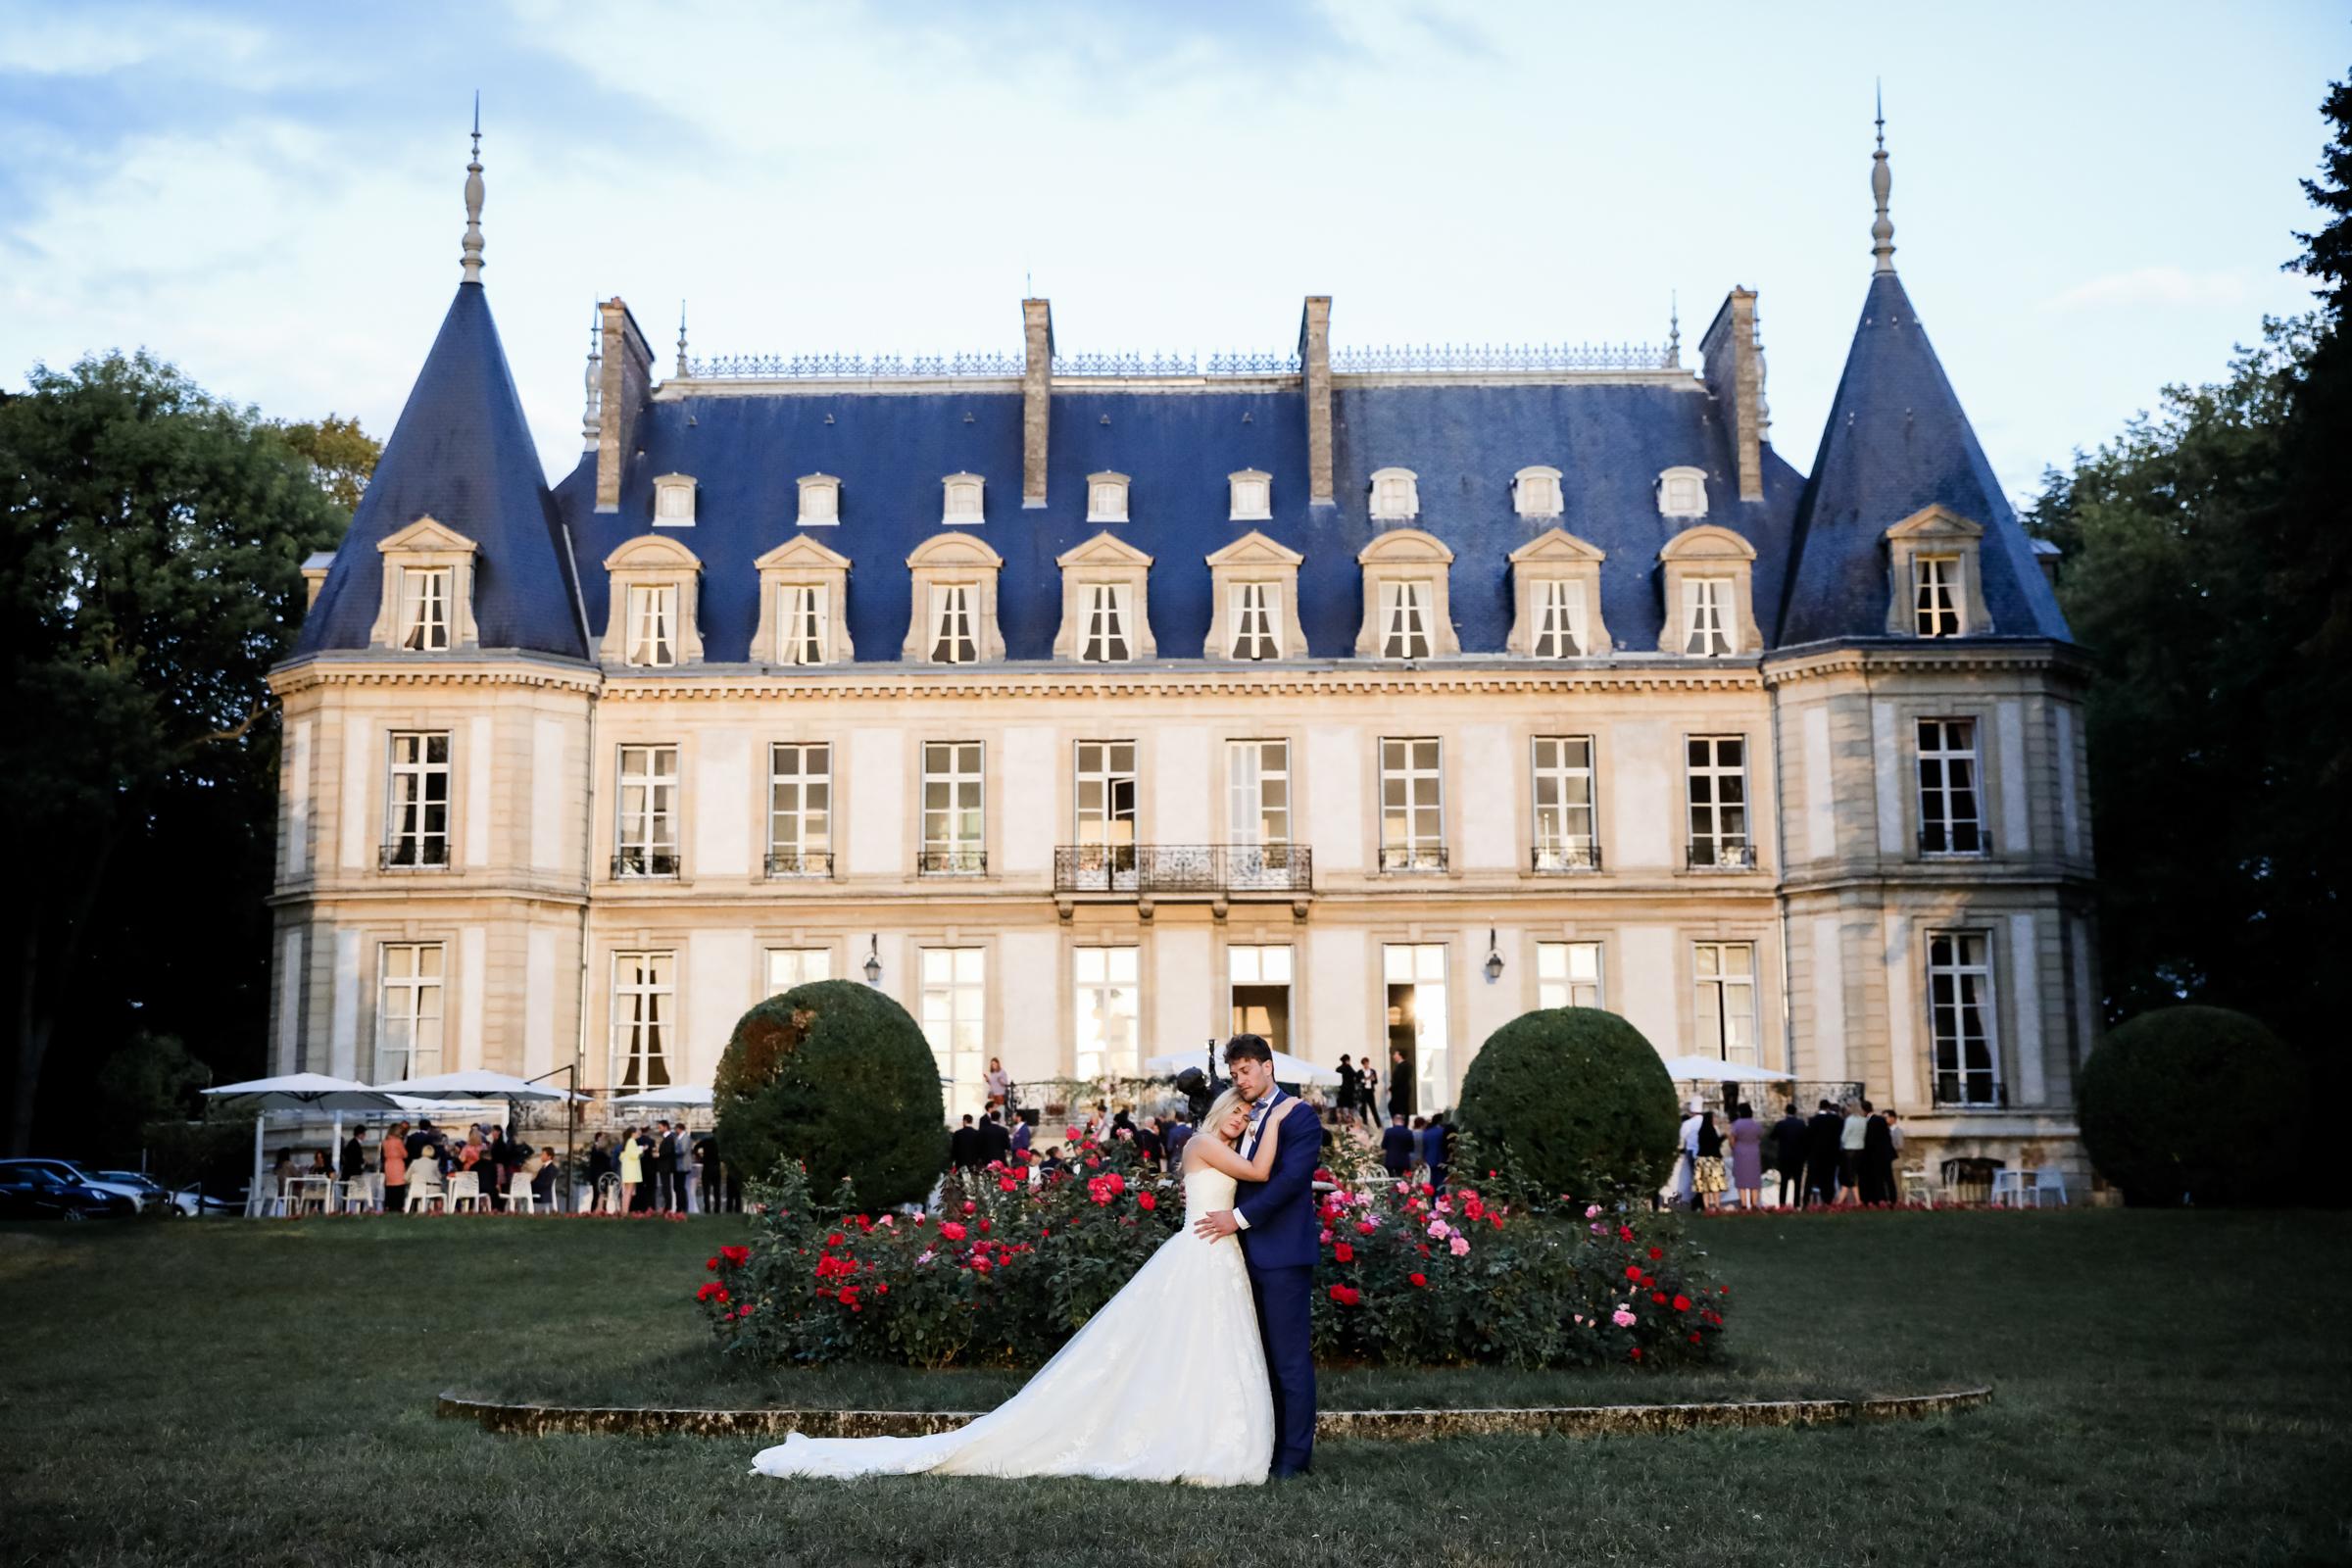 Couple against chateau - photo by Julien Laurent-Georges